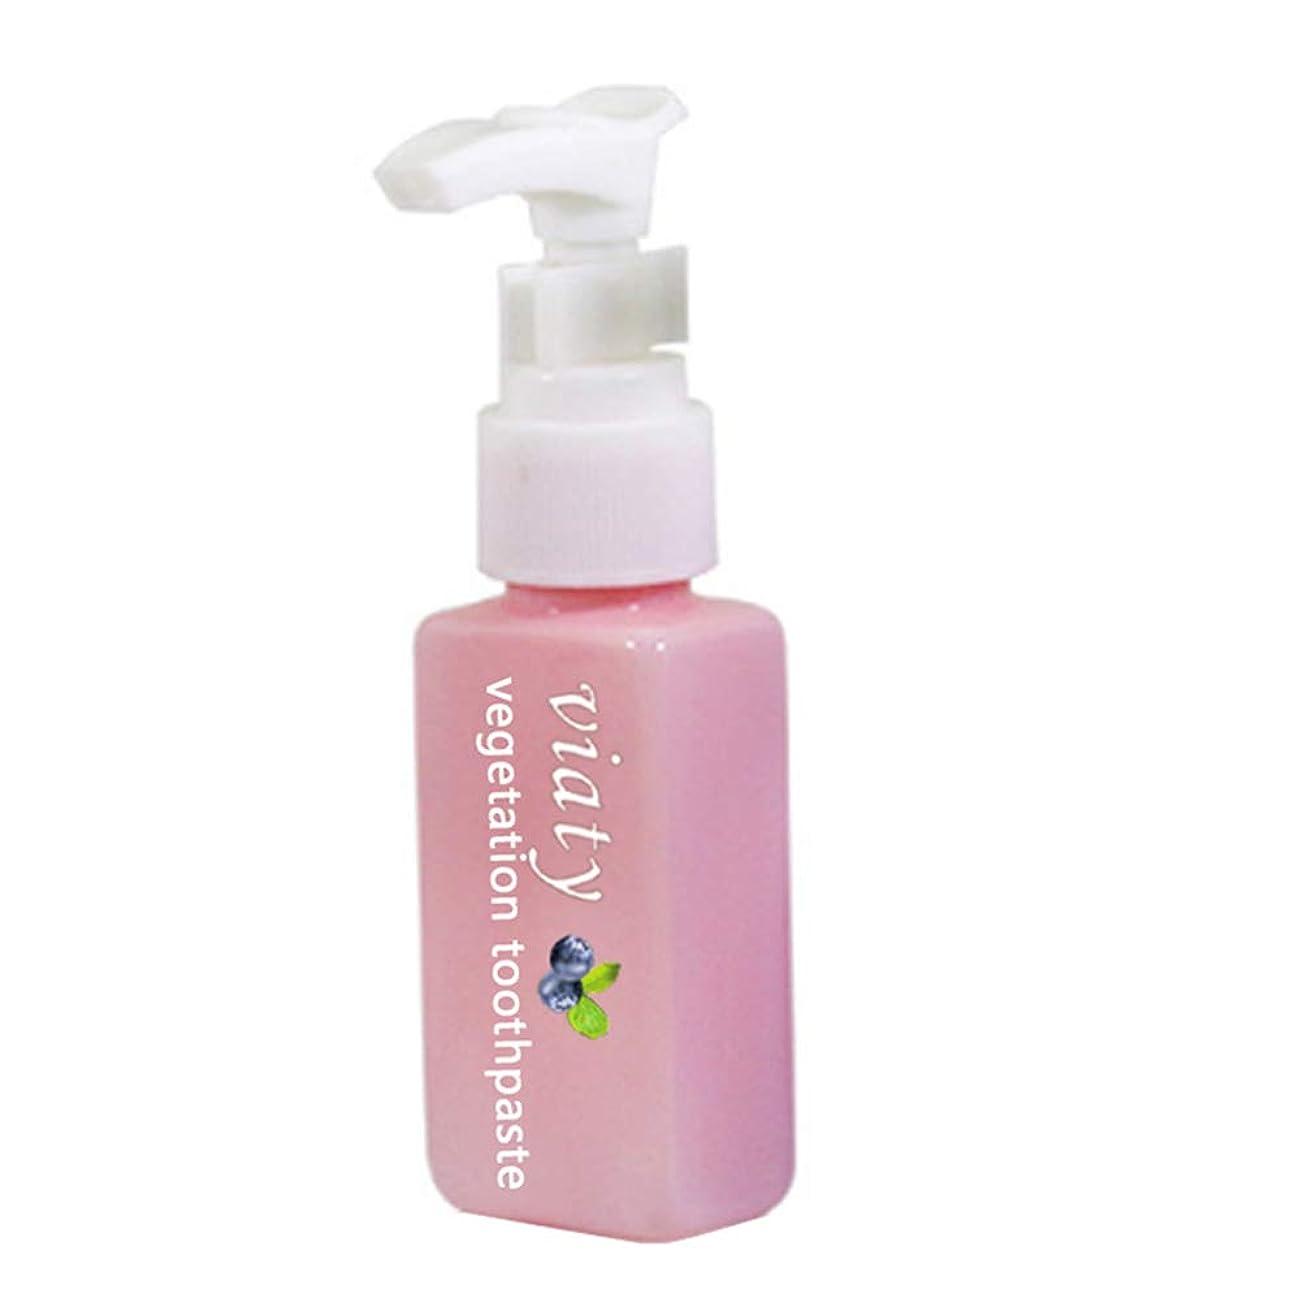 大人予備受け入れたProfeel歯磨き粉アンチブリードガムプレスタイプ新鮮な歯磨き粉を白くする汚れ除去剤